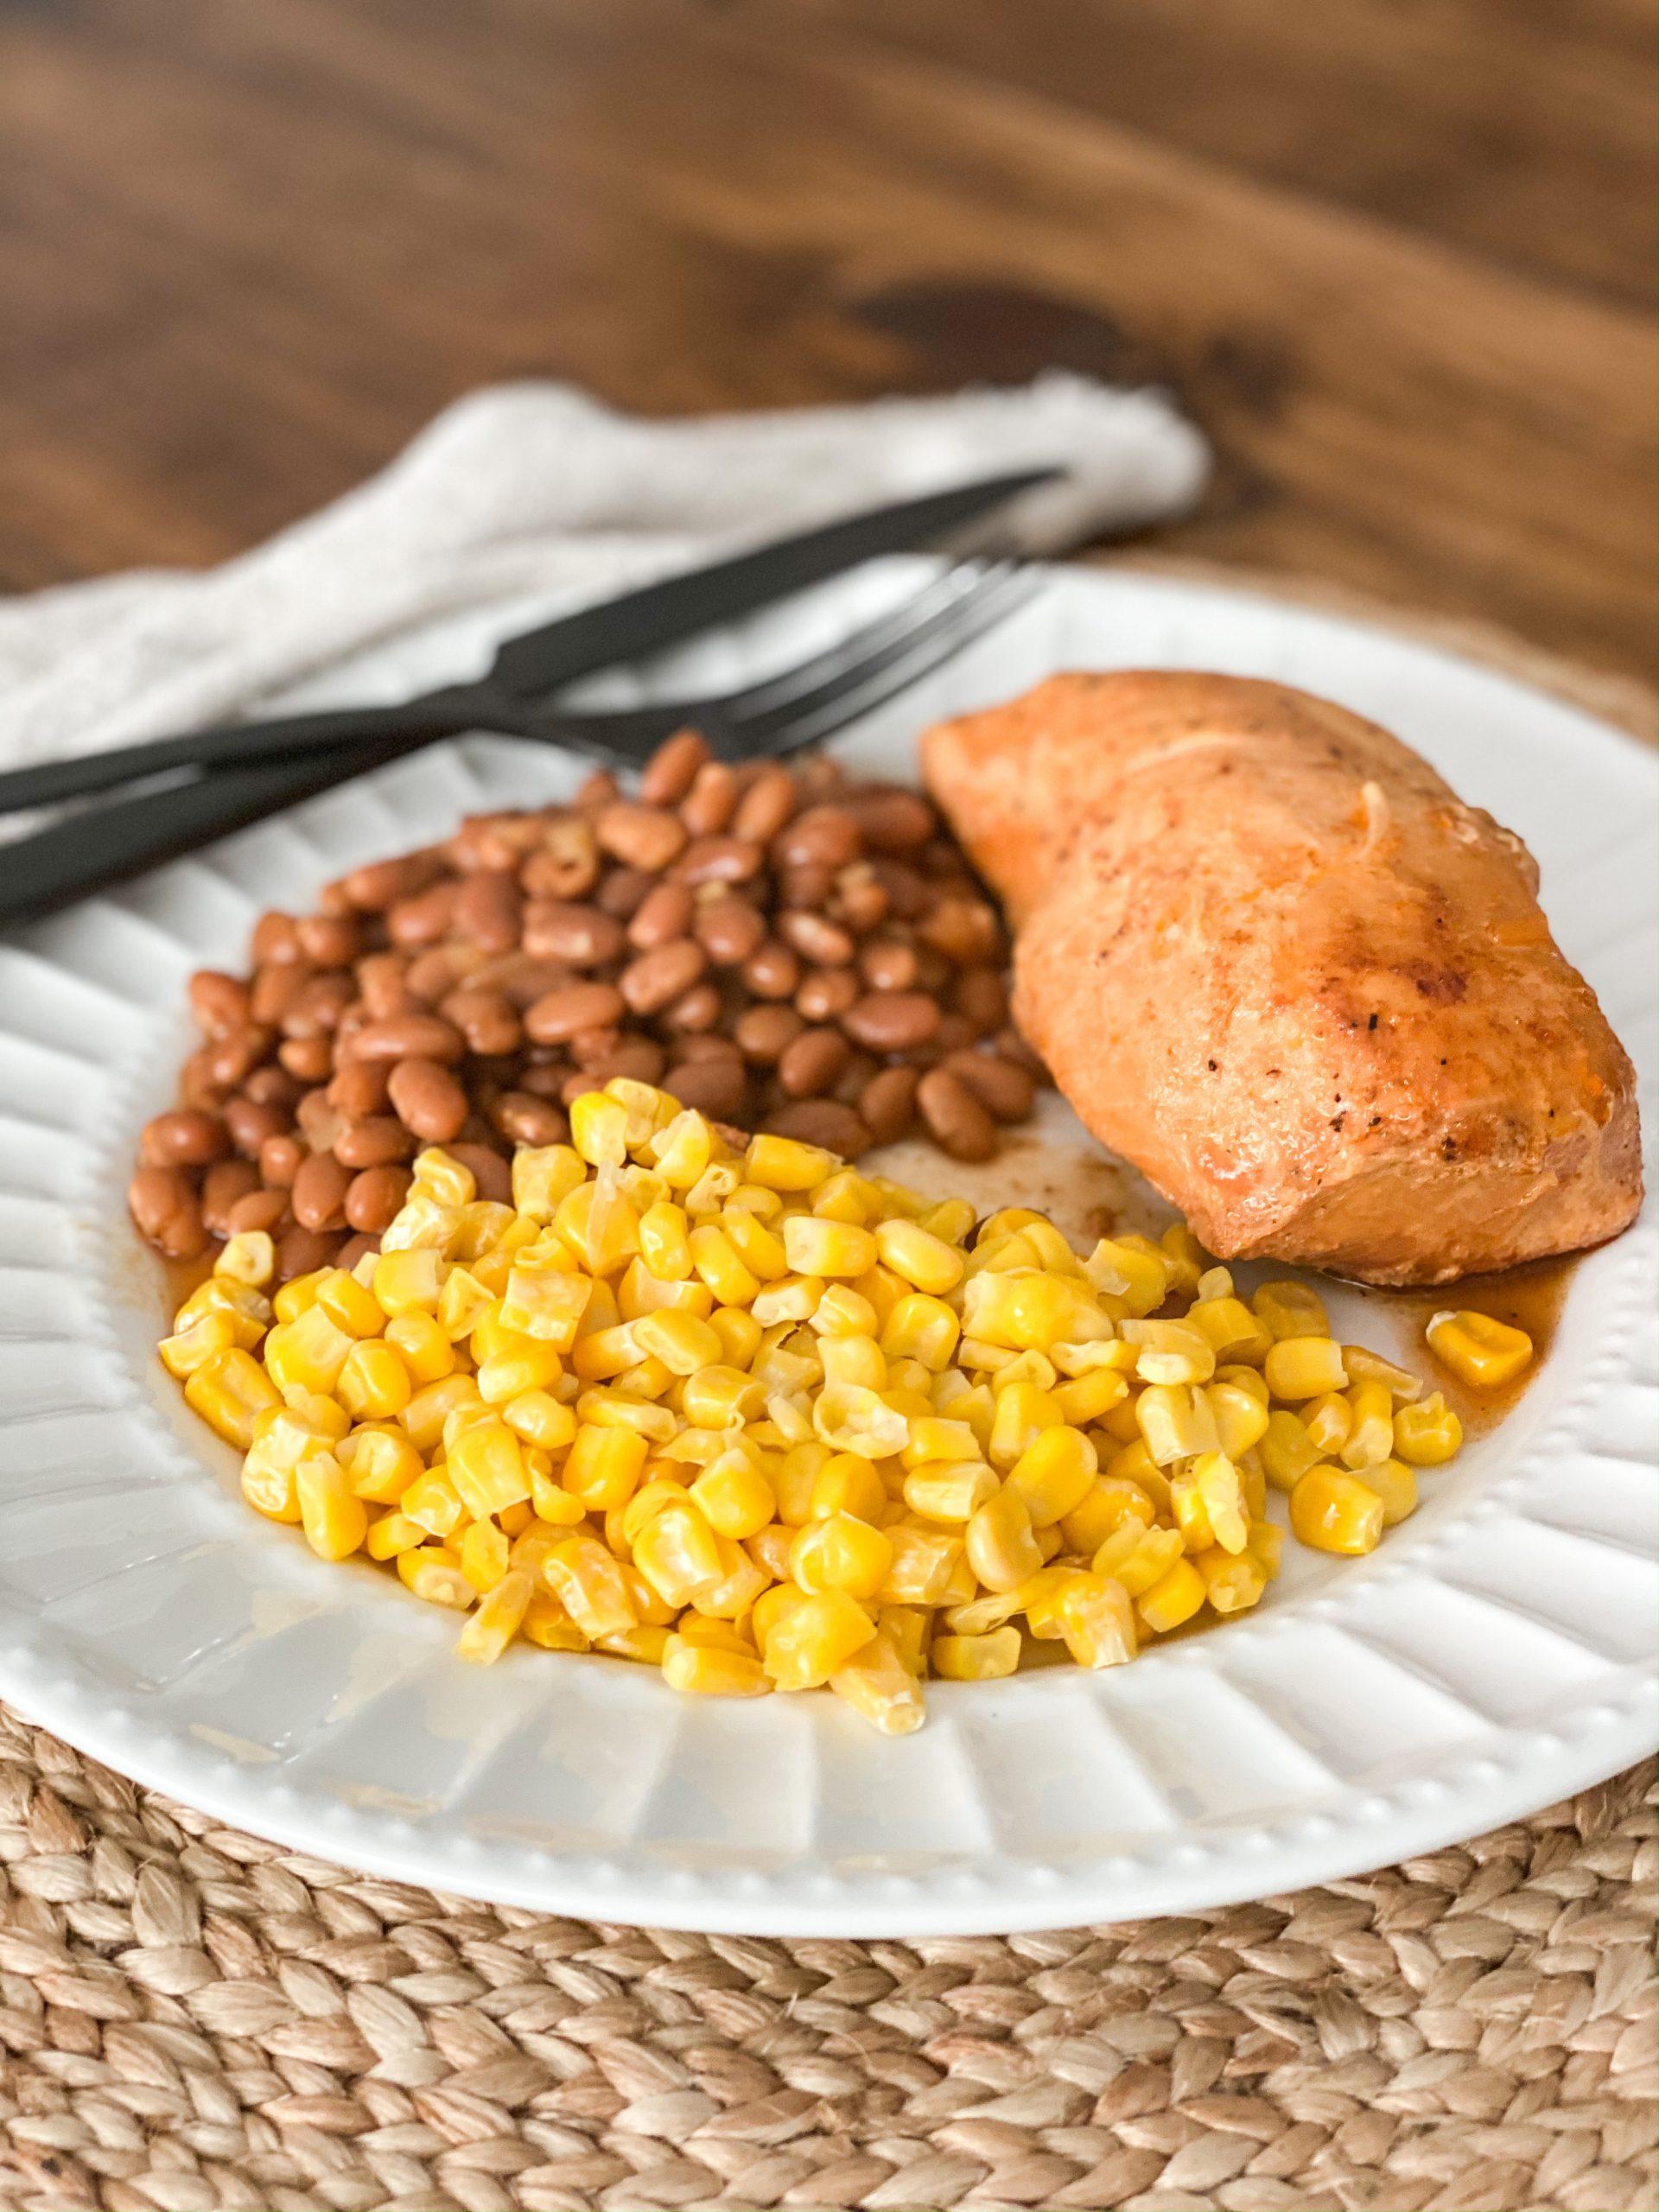 Taco chicken recipe ingredients